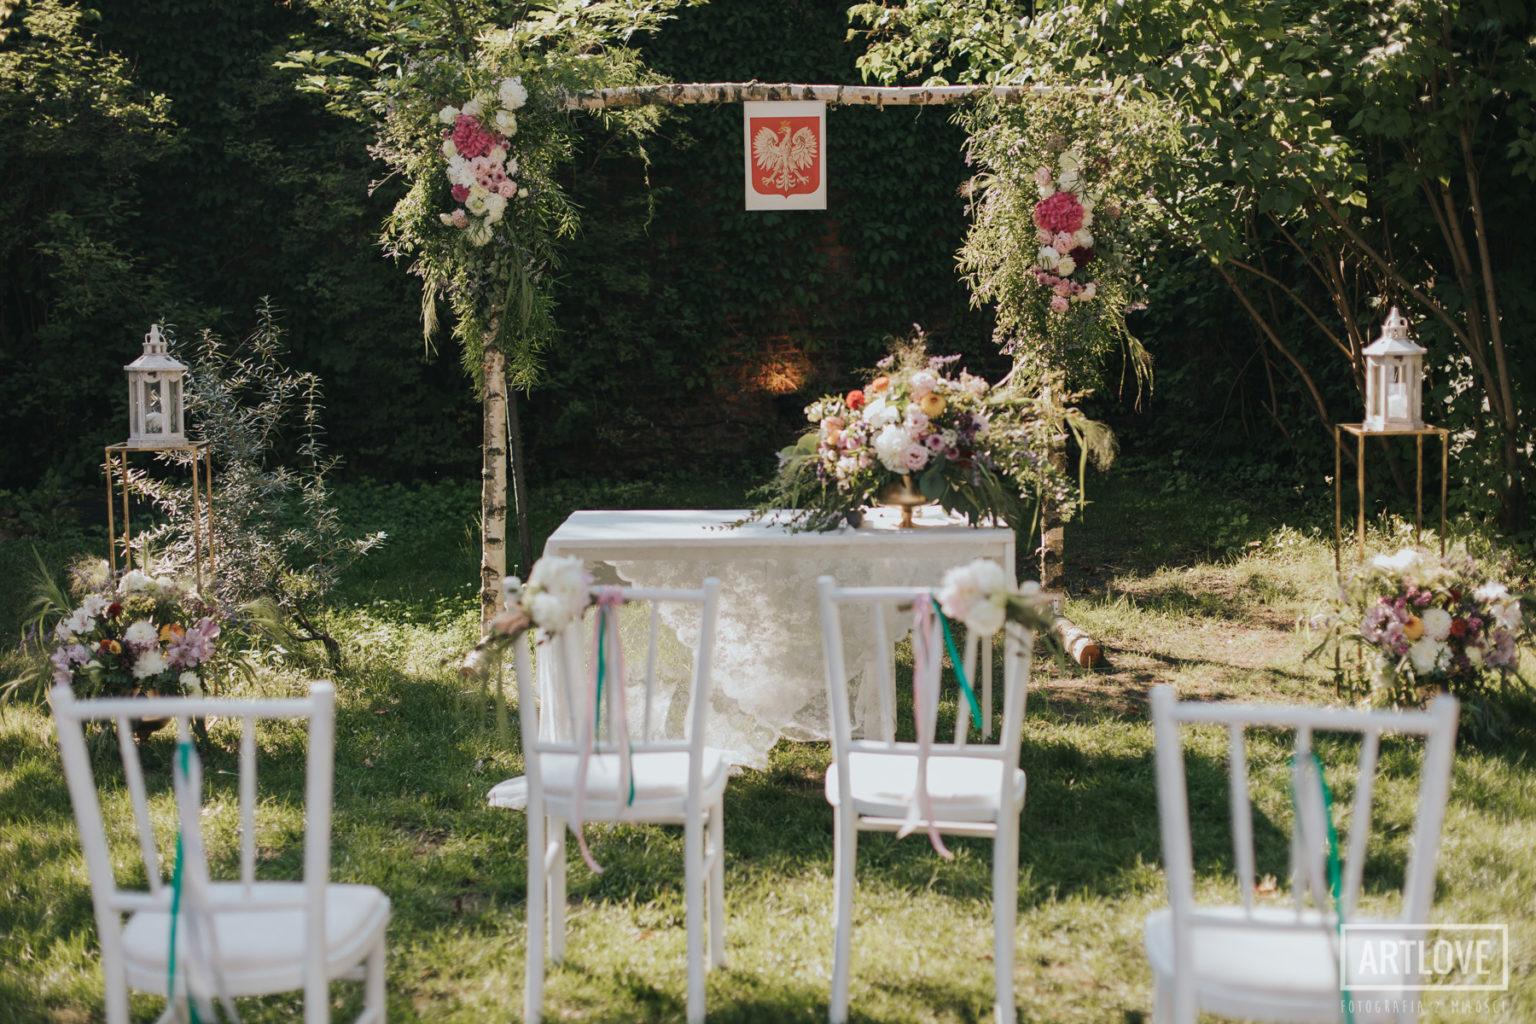 Plenerowy ślub na Spokojnej 15 w Warszawie